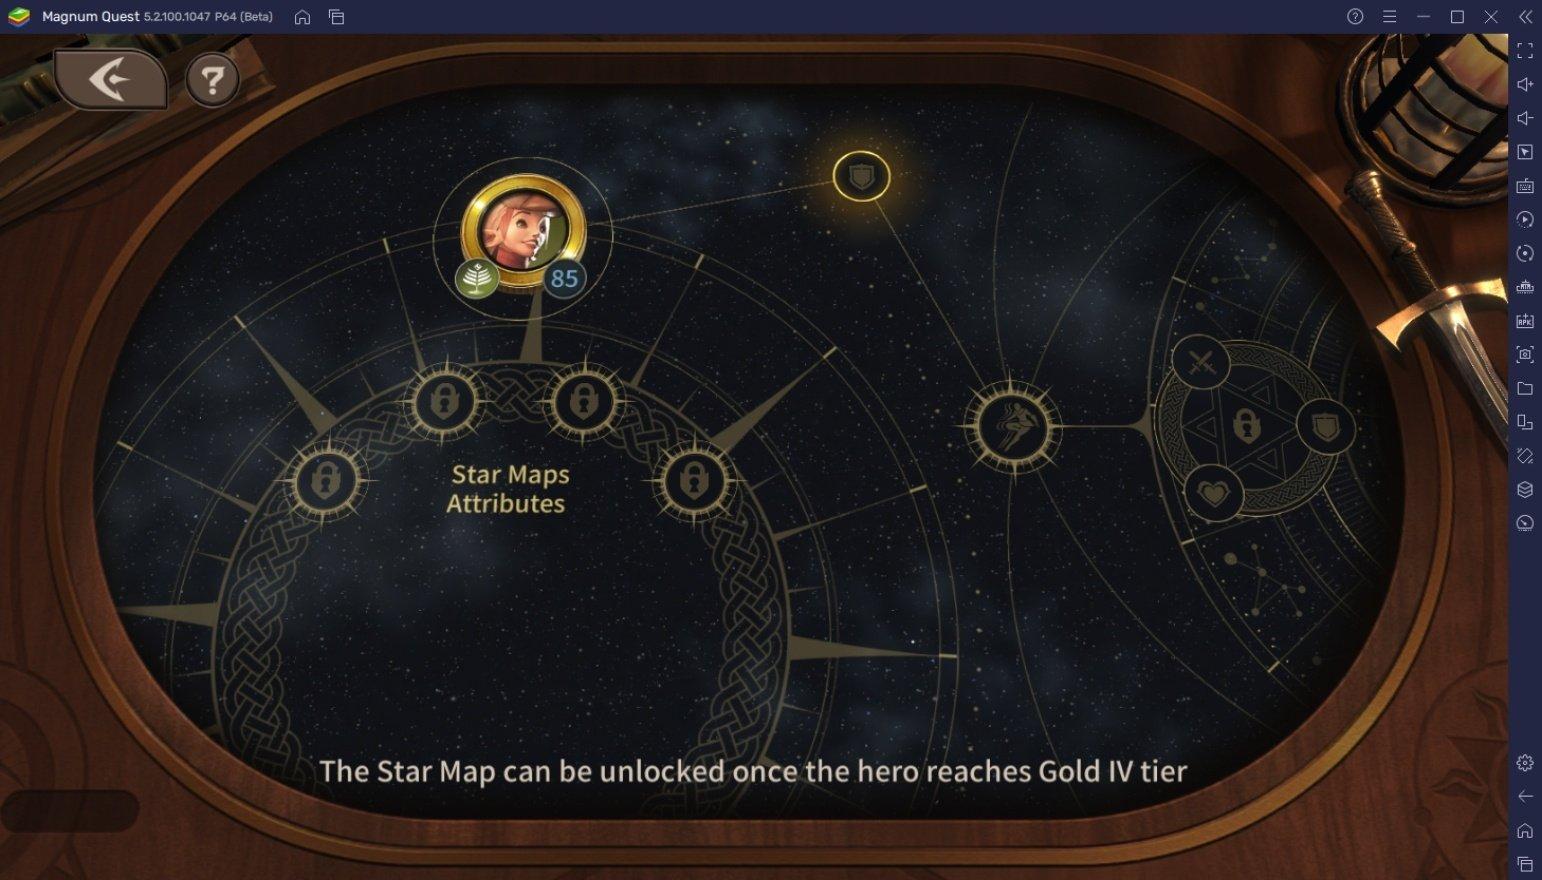 كيفية زيادة تصنيف القوة في لعبة Magnum Quest